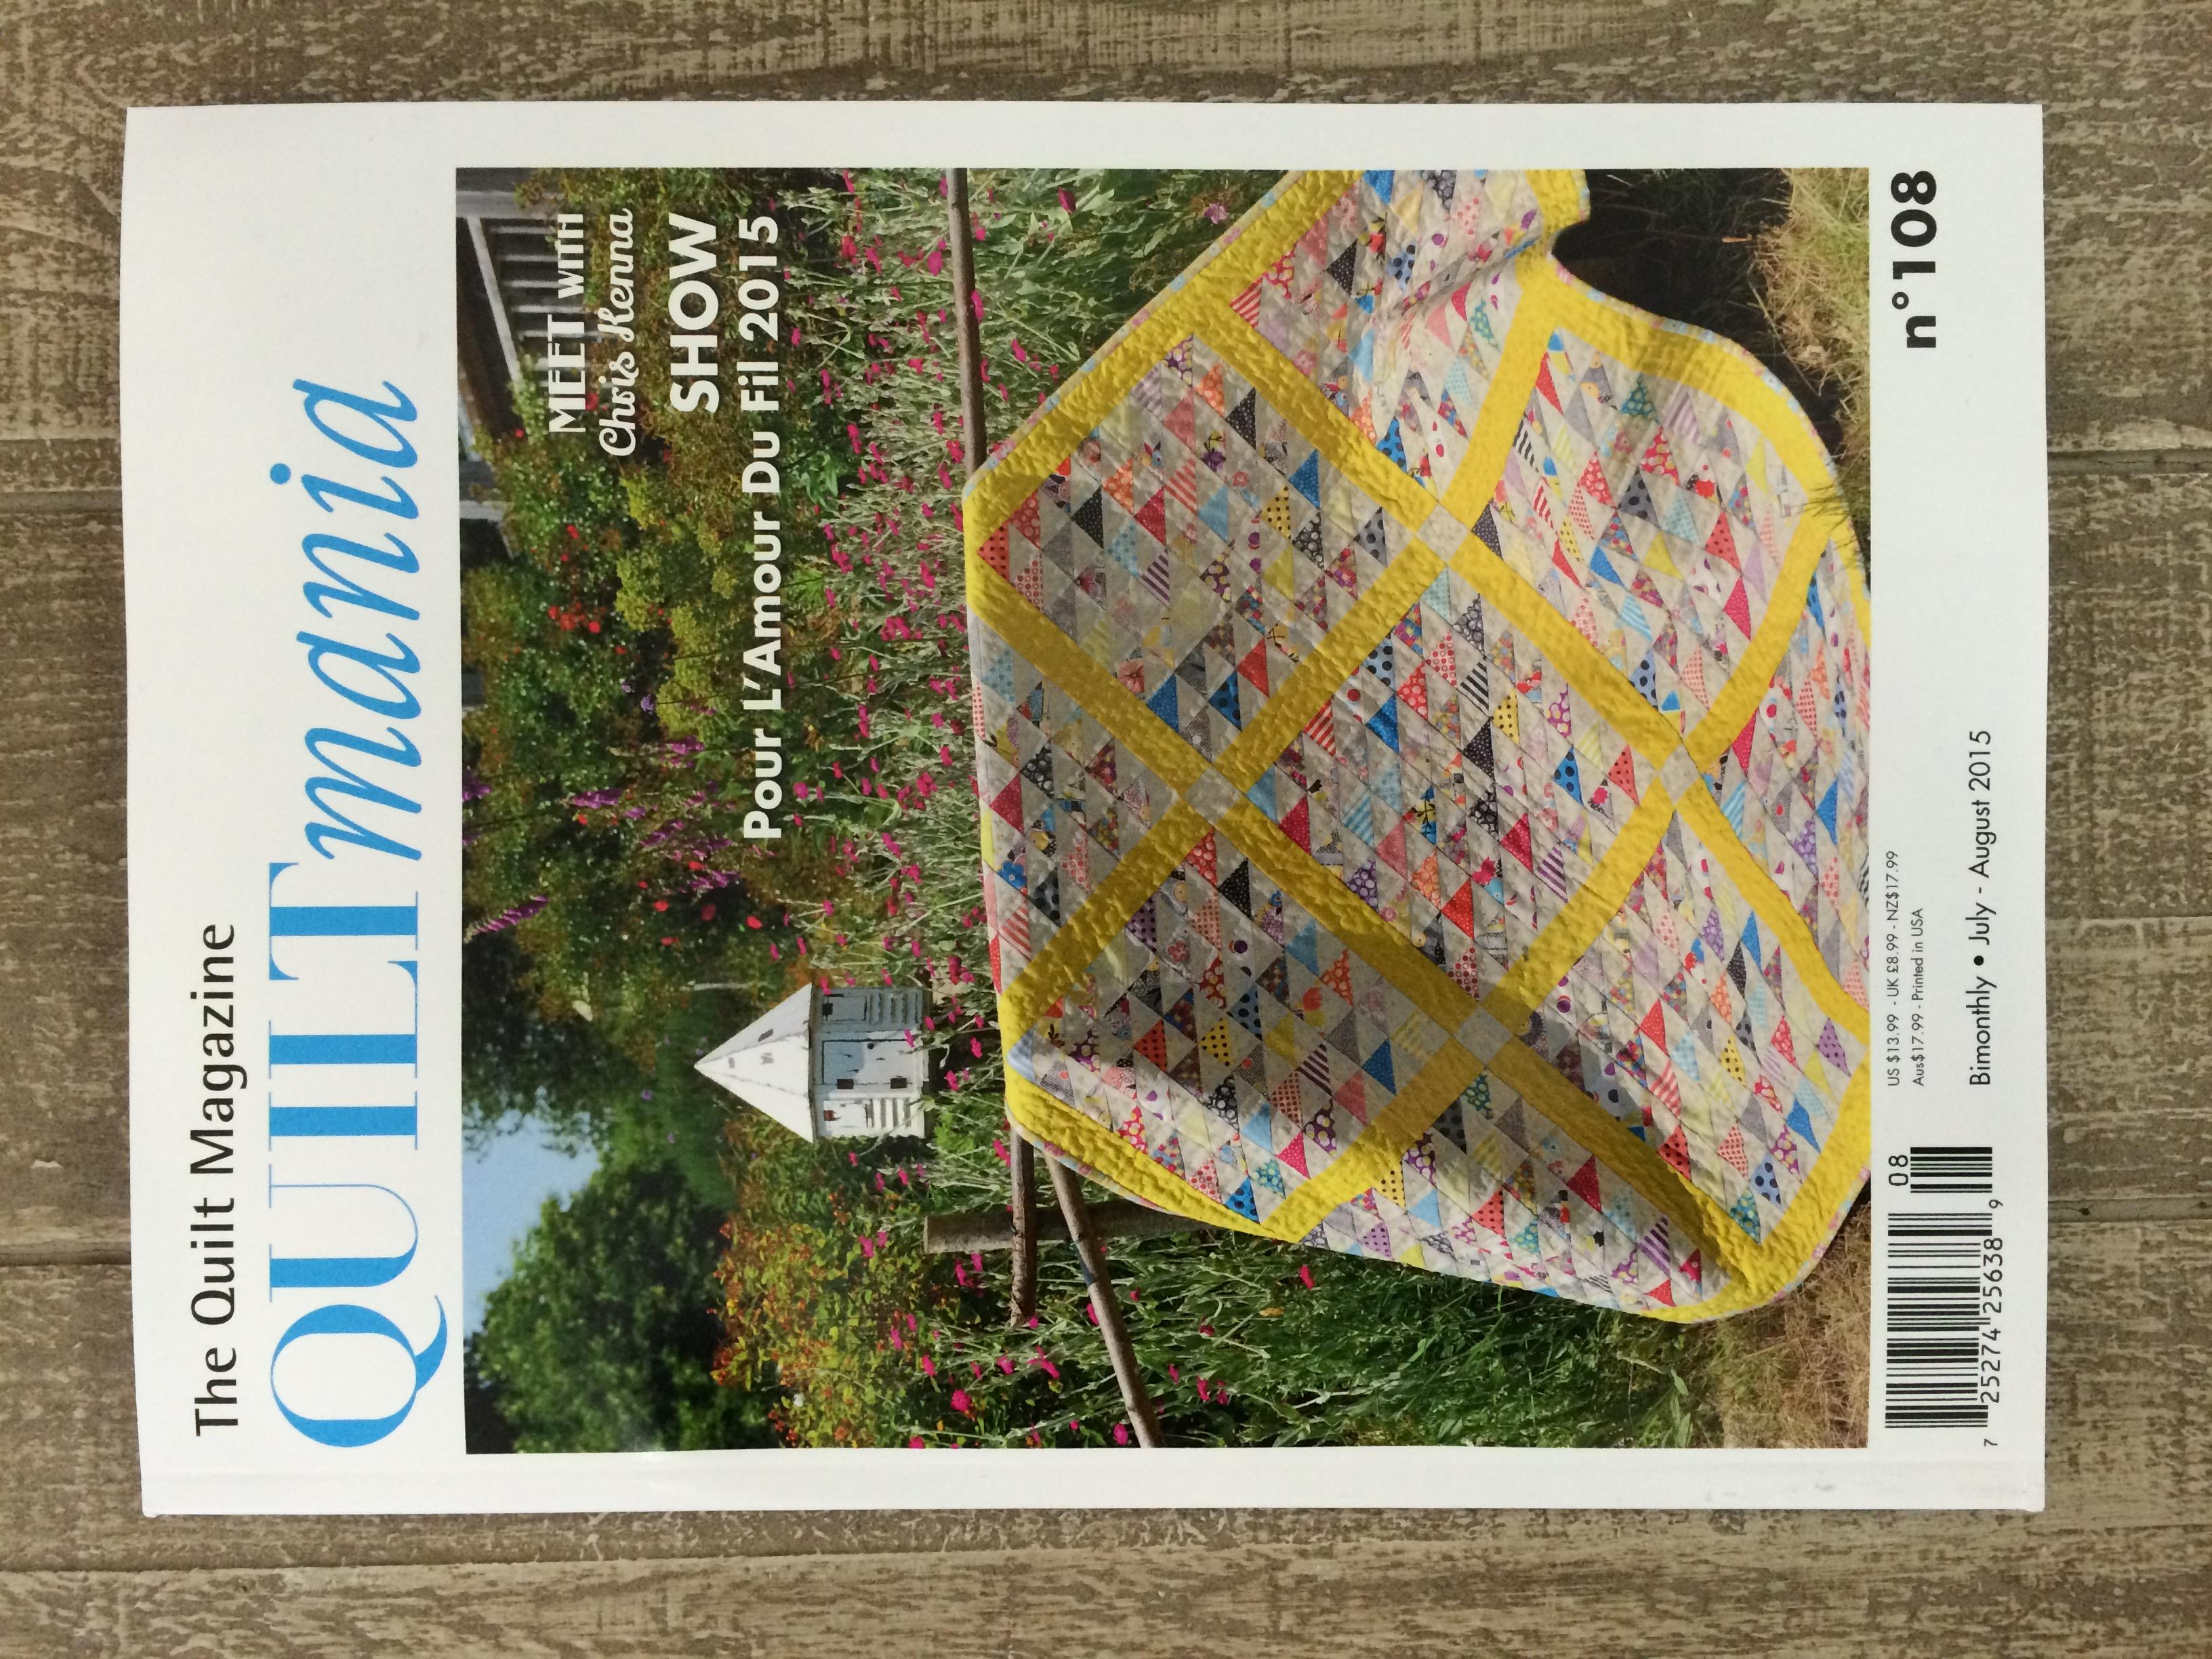 quiltmania magazine